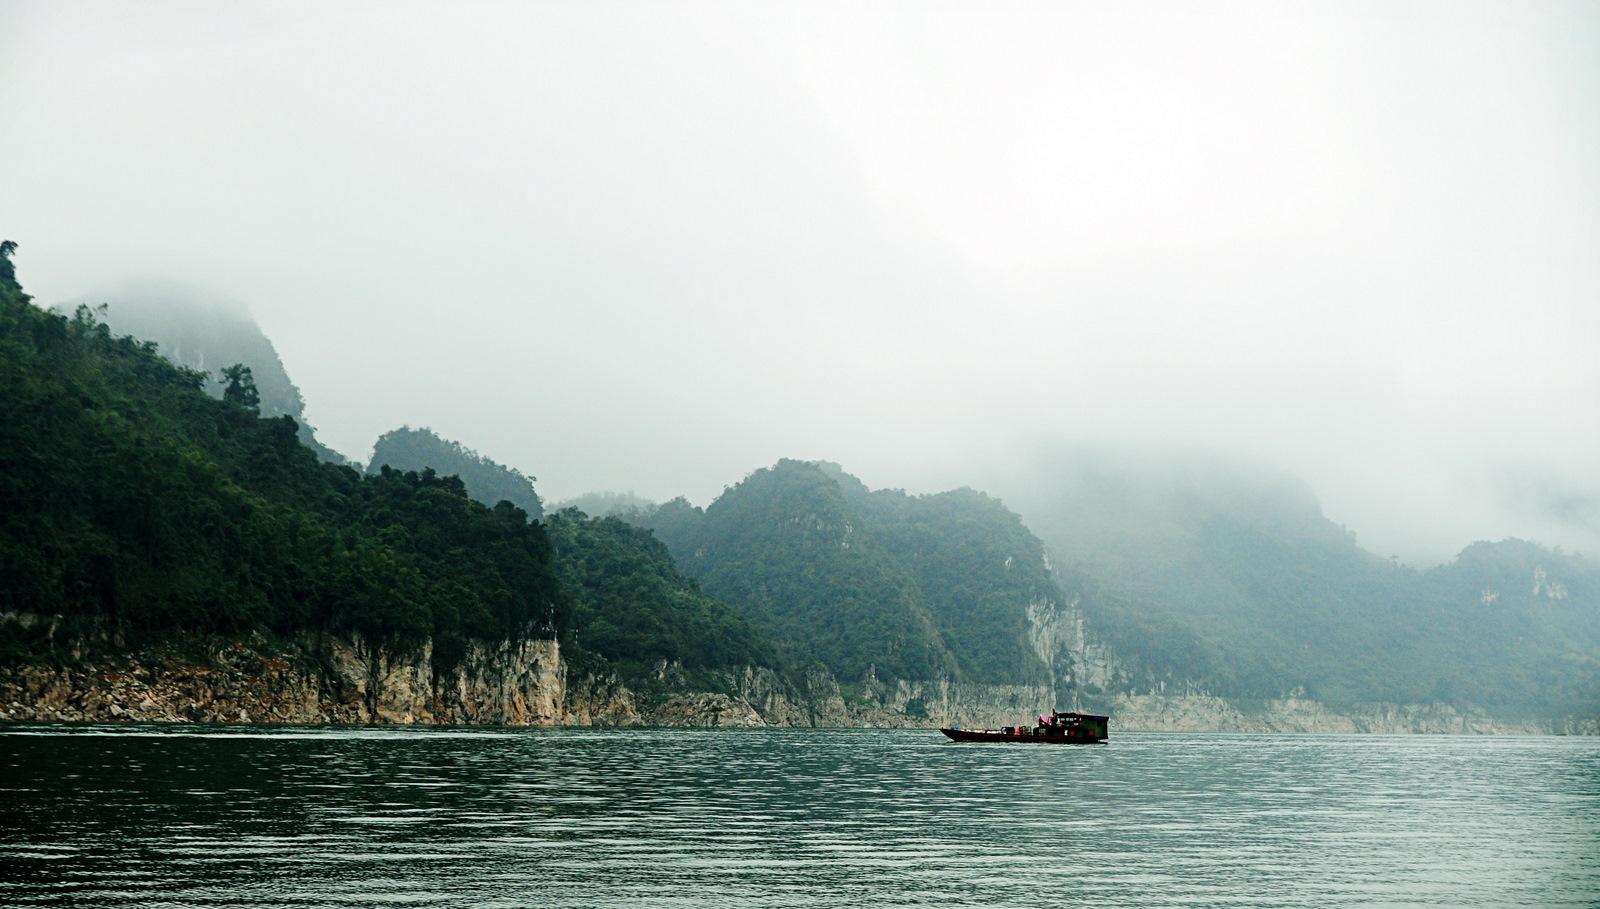 Thung Nai – điểm đến tuyệt vời cho dịp nghỉ lễ đầu năm